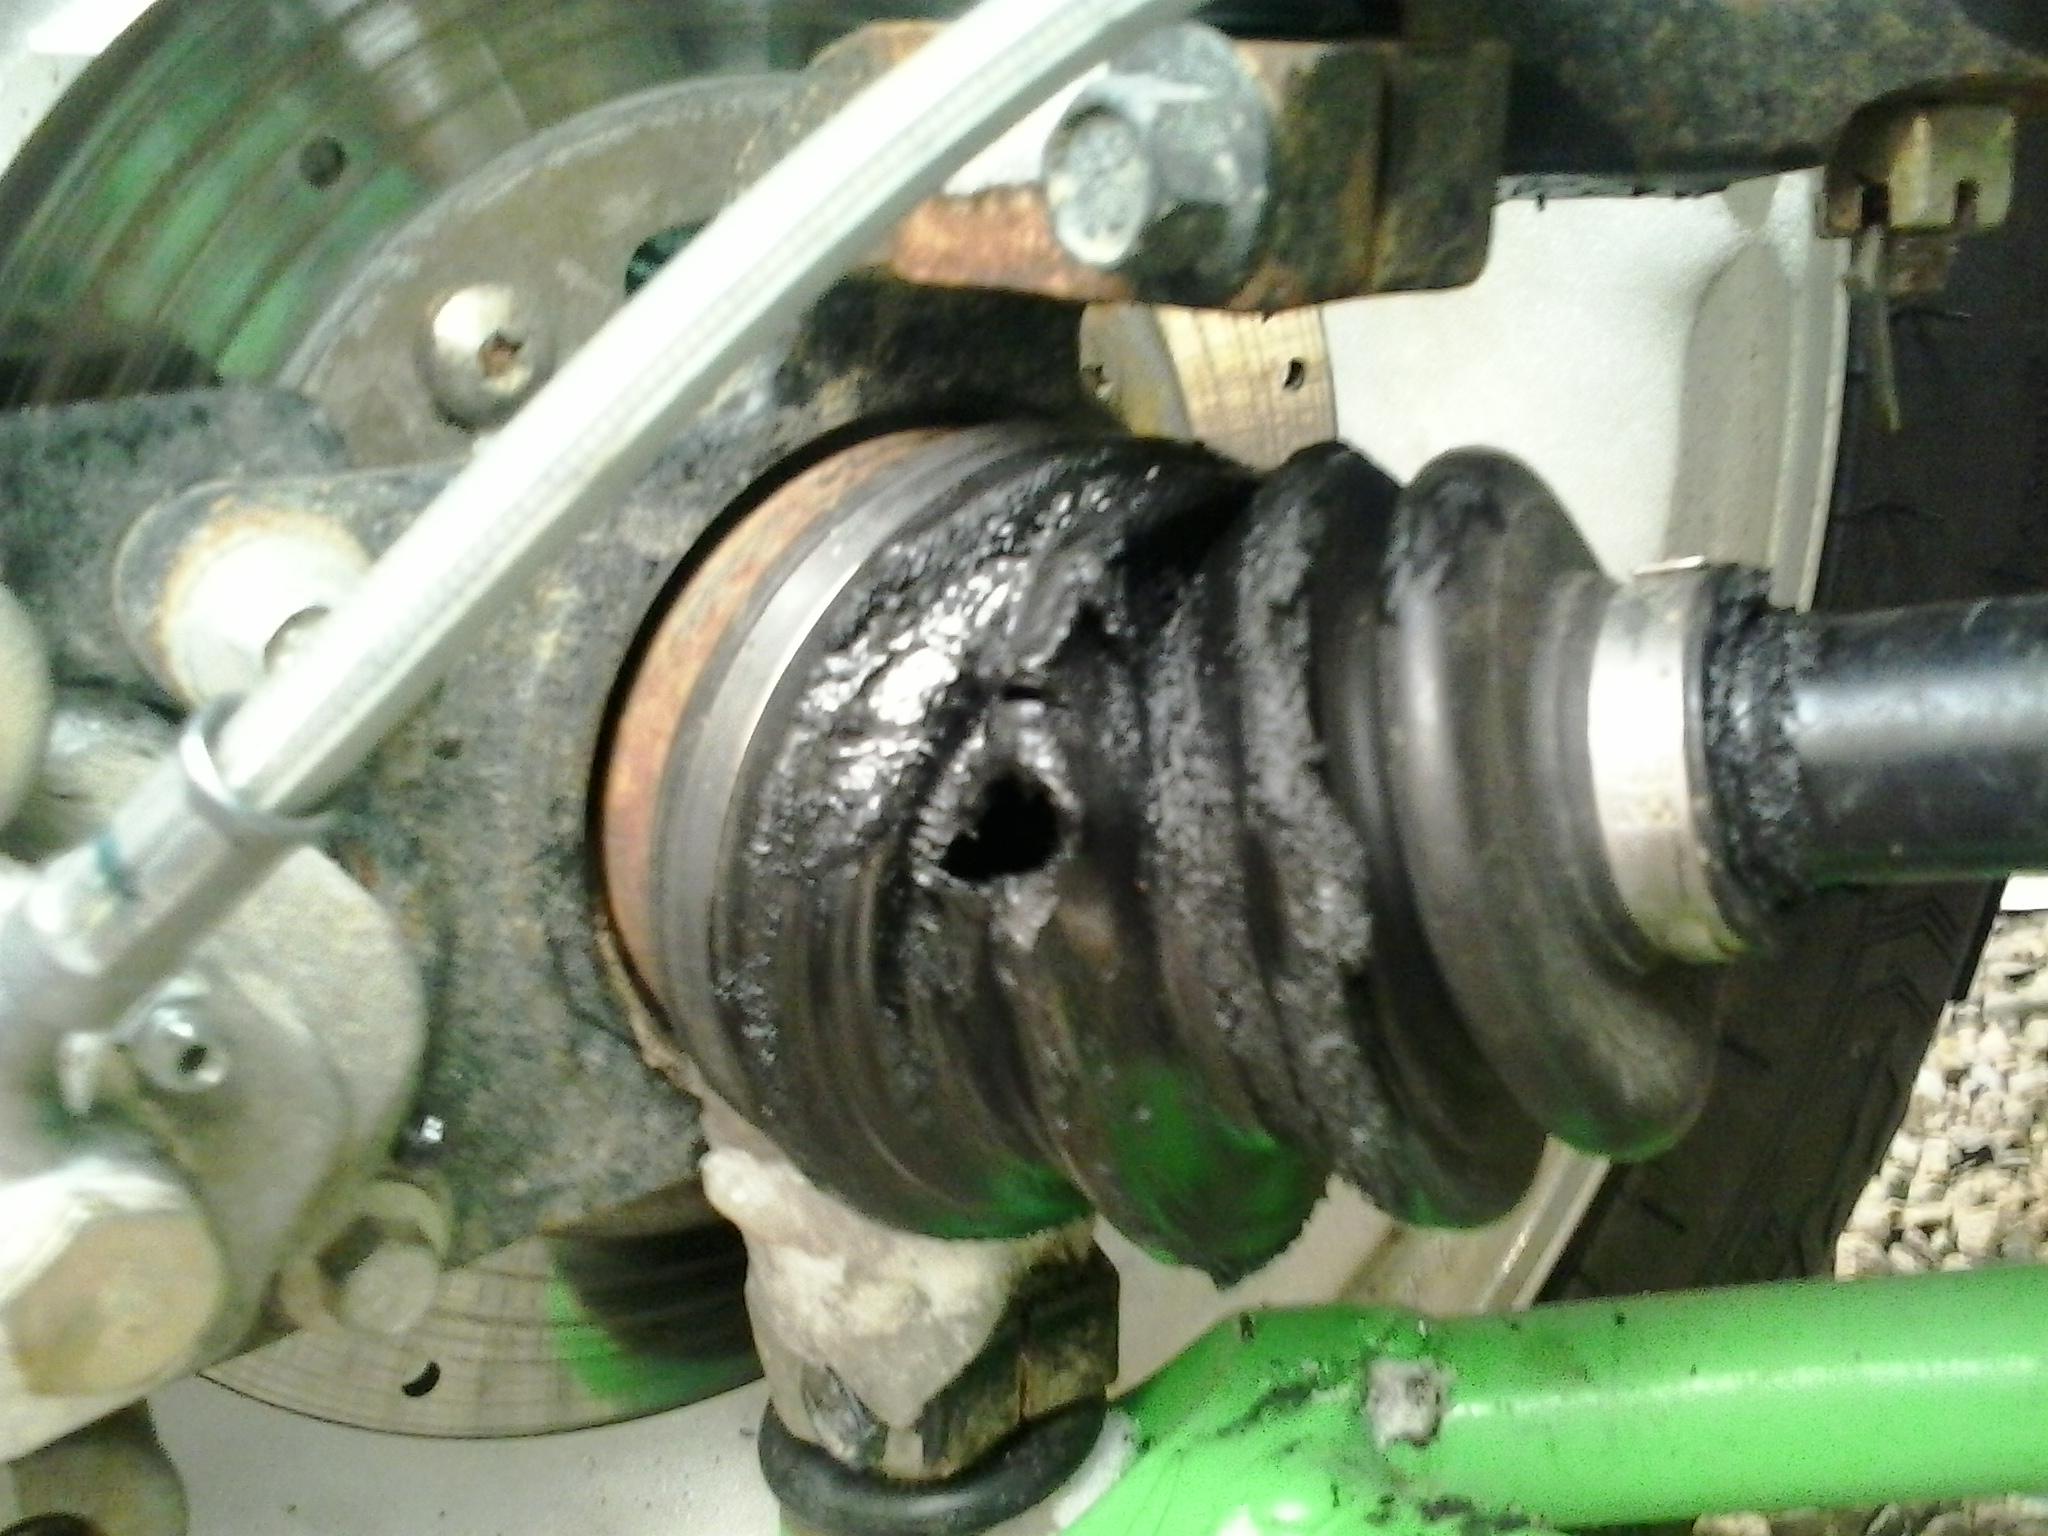 Outer Cv Boot Torn